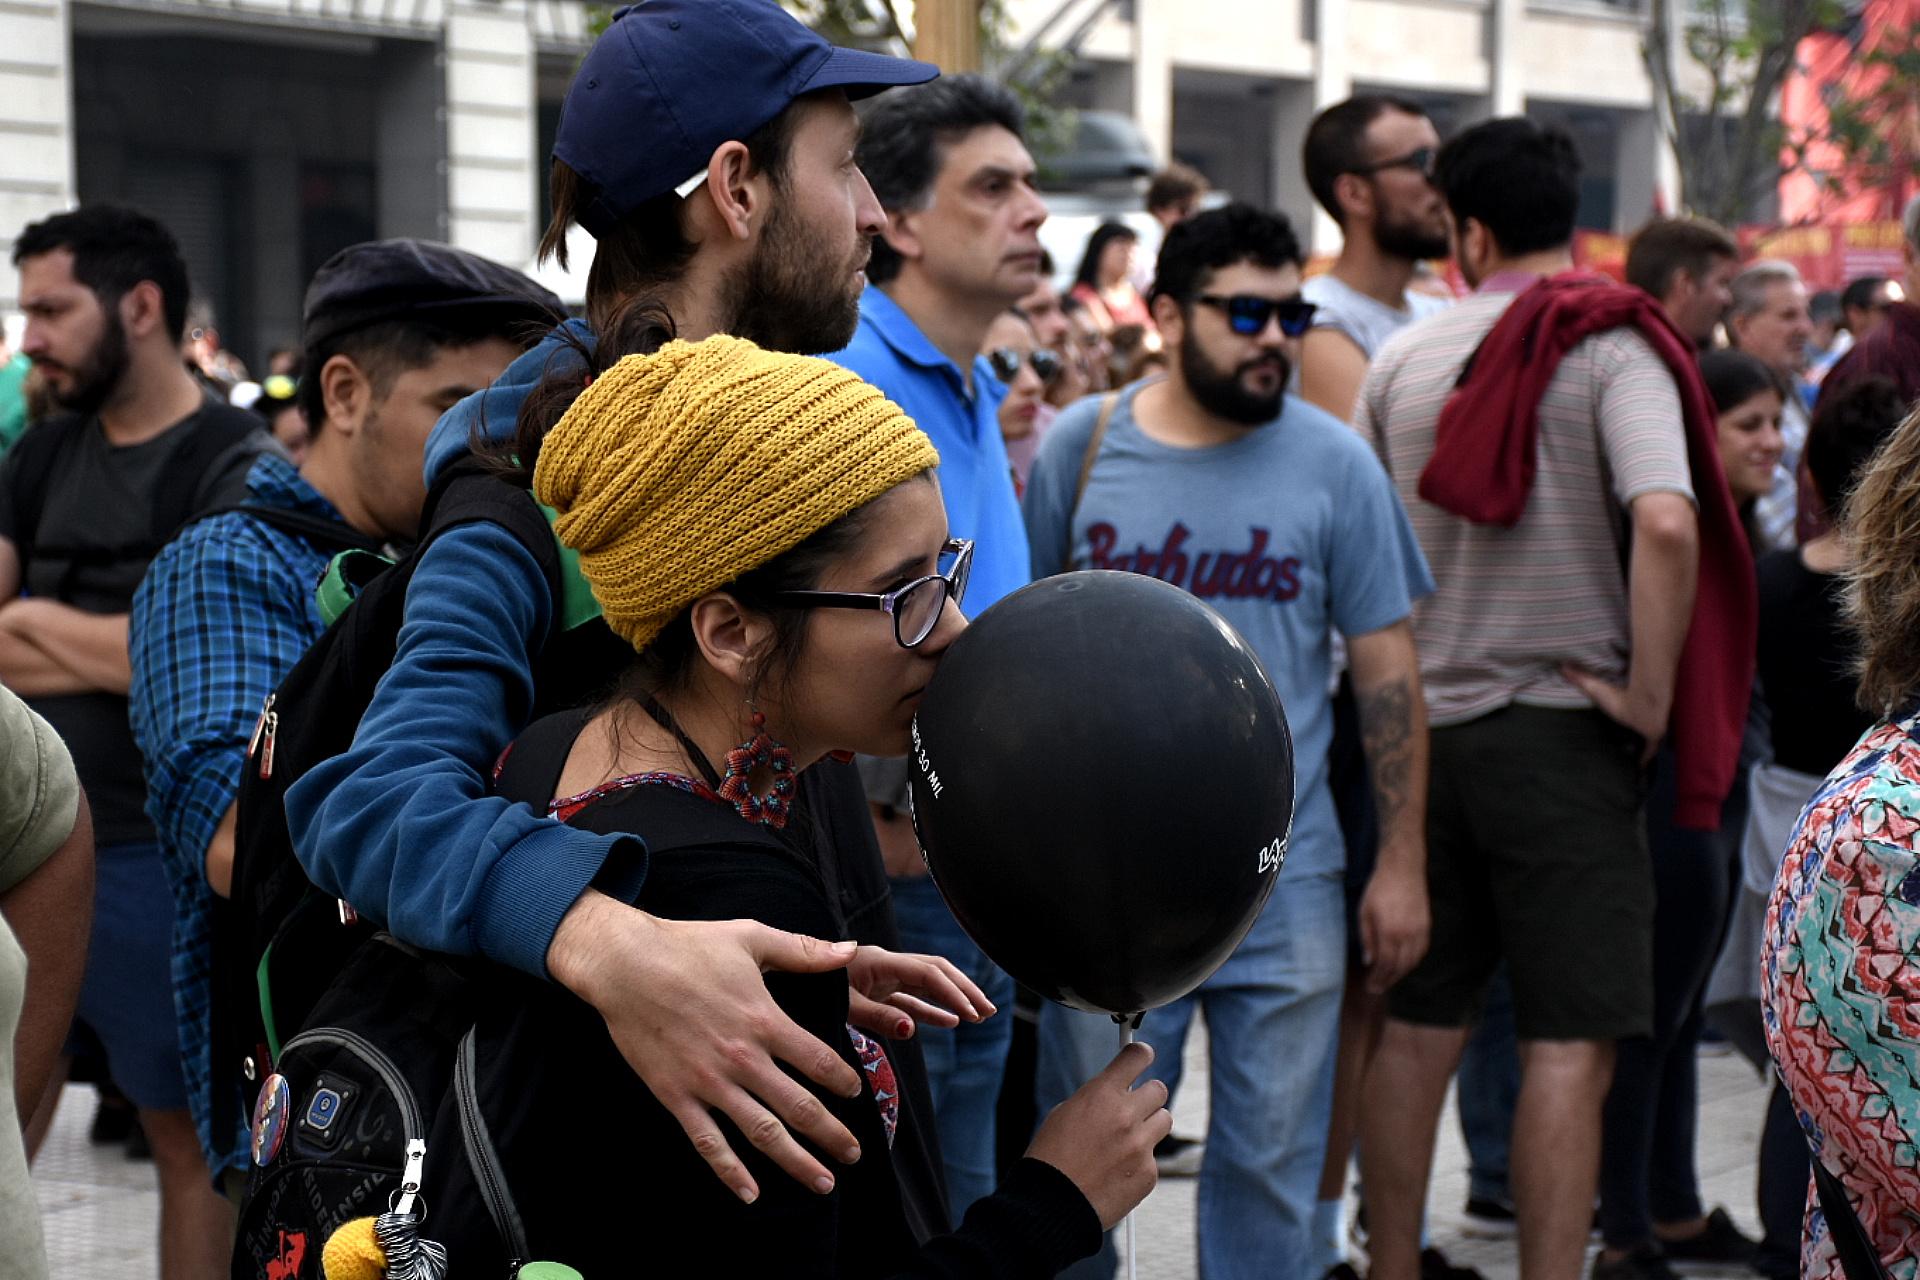 Miles de jóvenes participaron de las diferentes convocatorias que se hicieron en el país